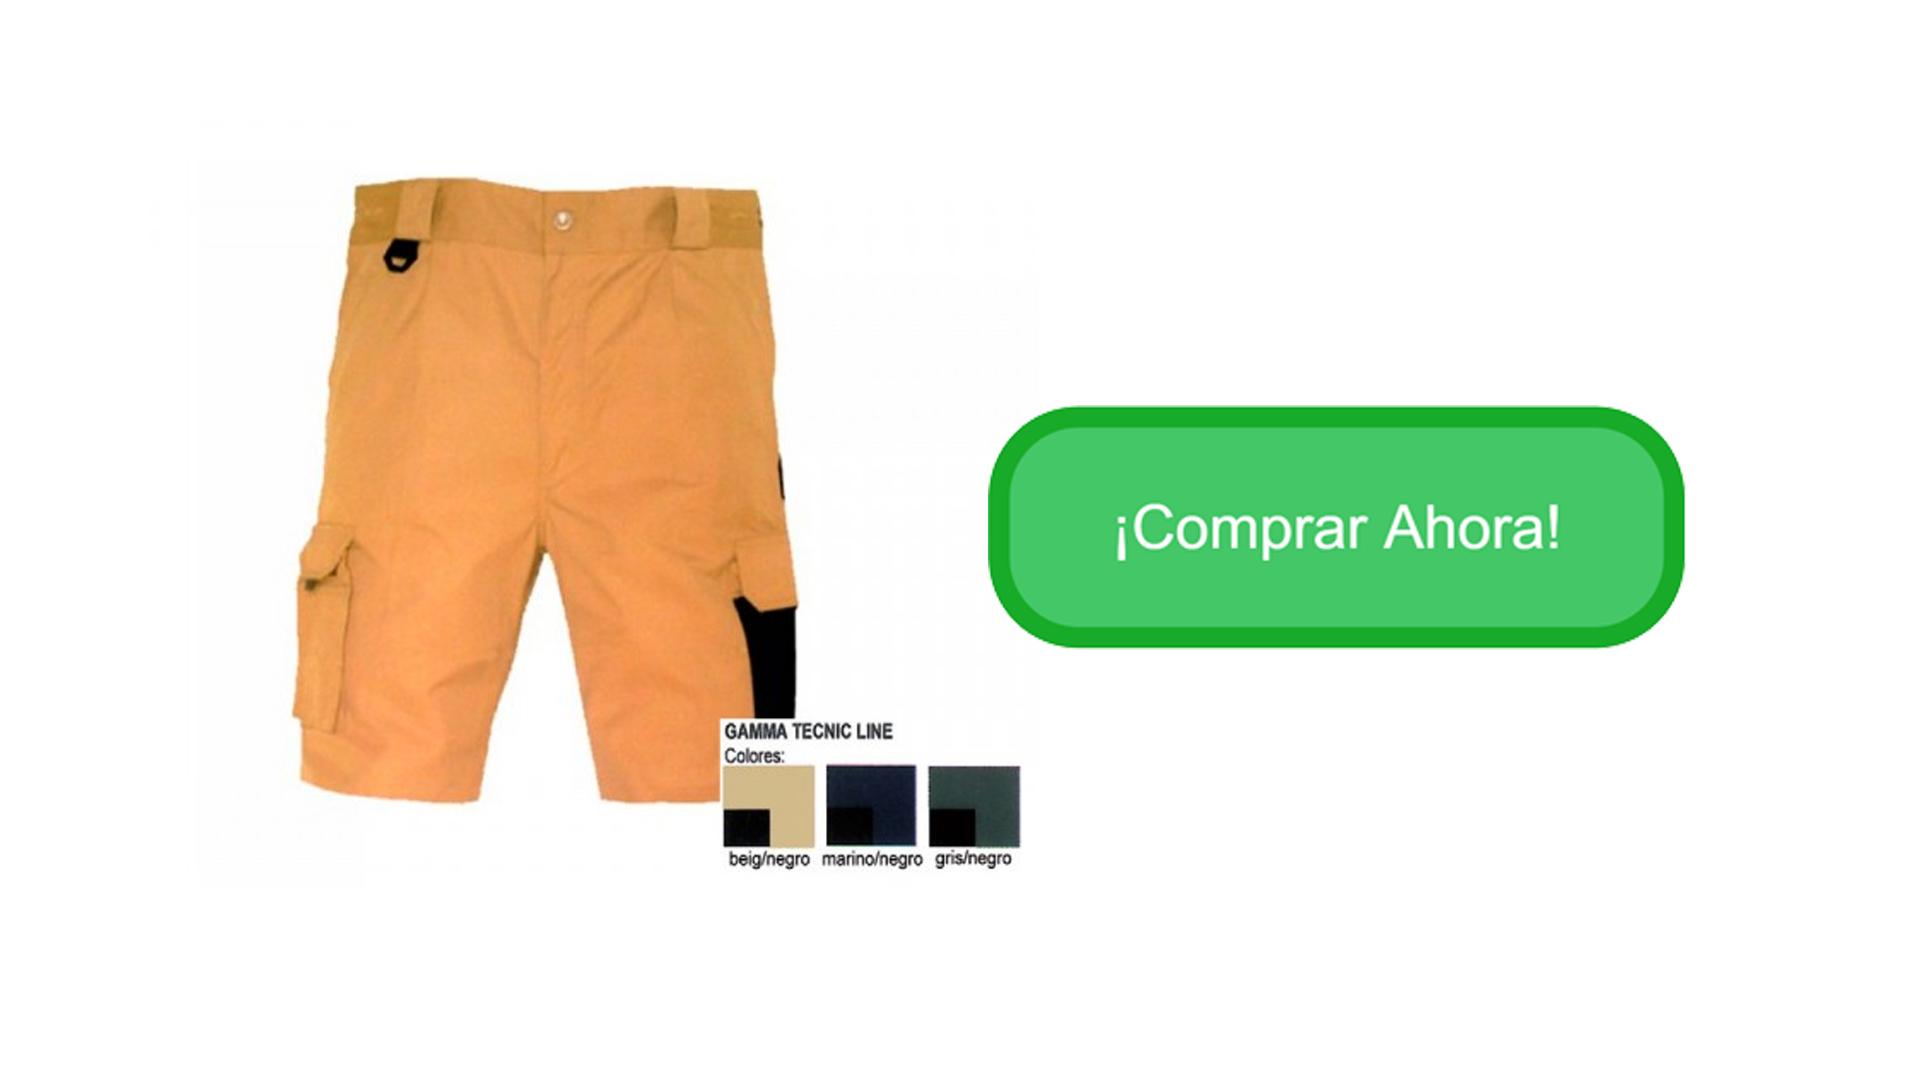 Pantalones Cortos Herraiz - Comprar Ahora cuatro